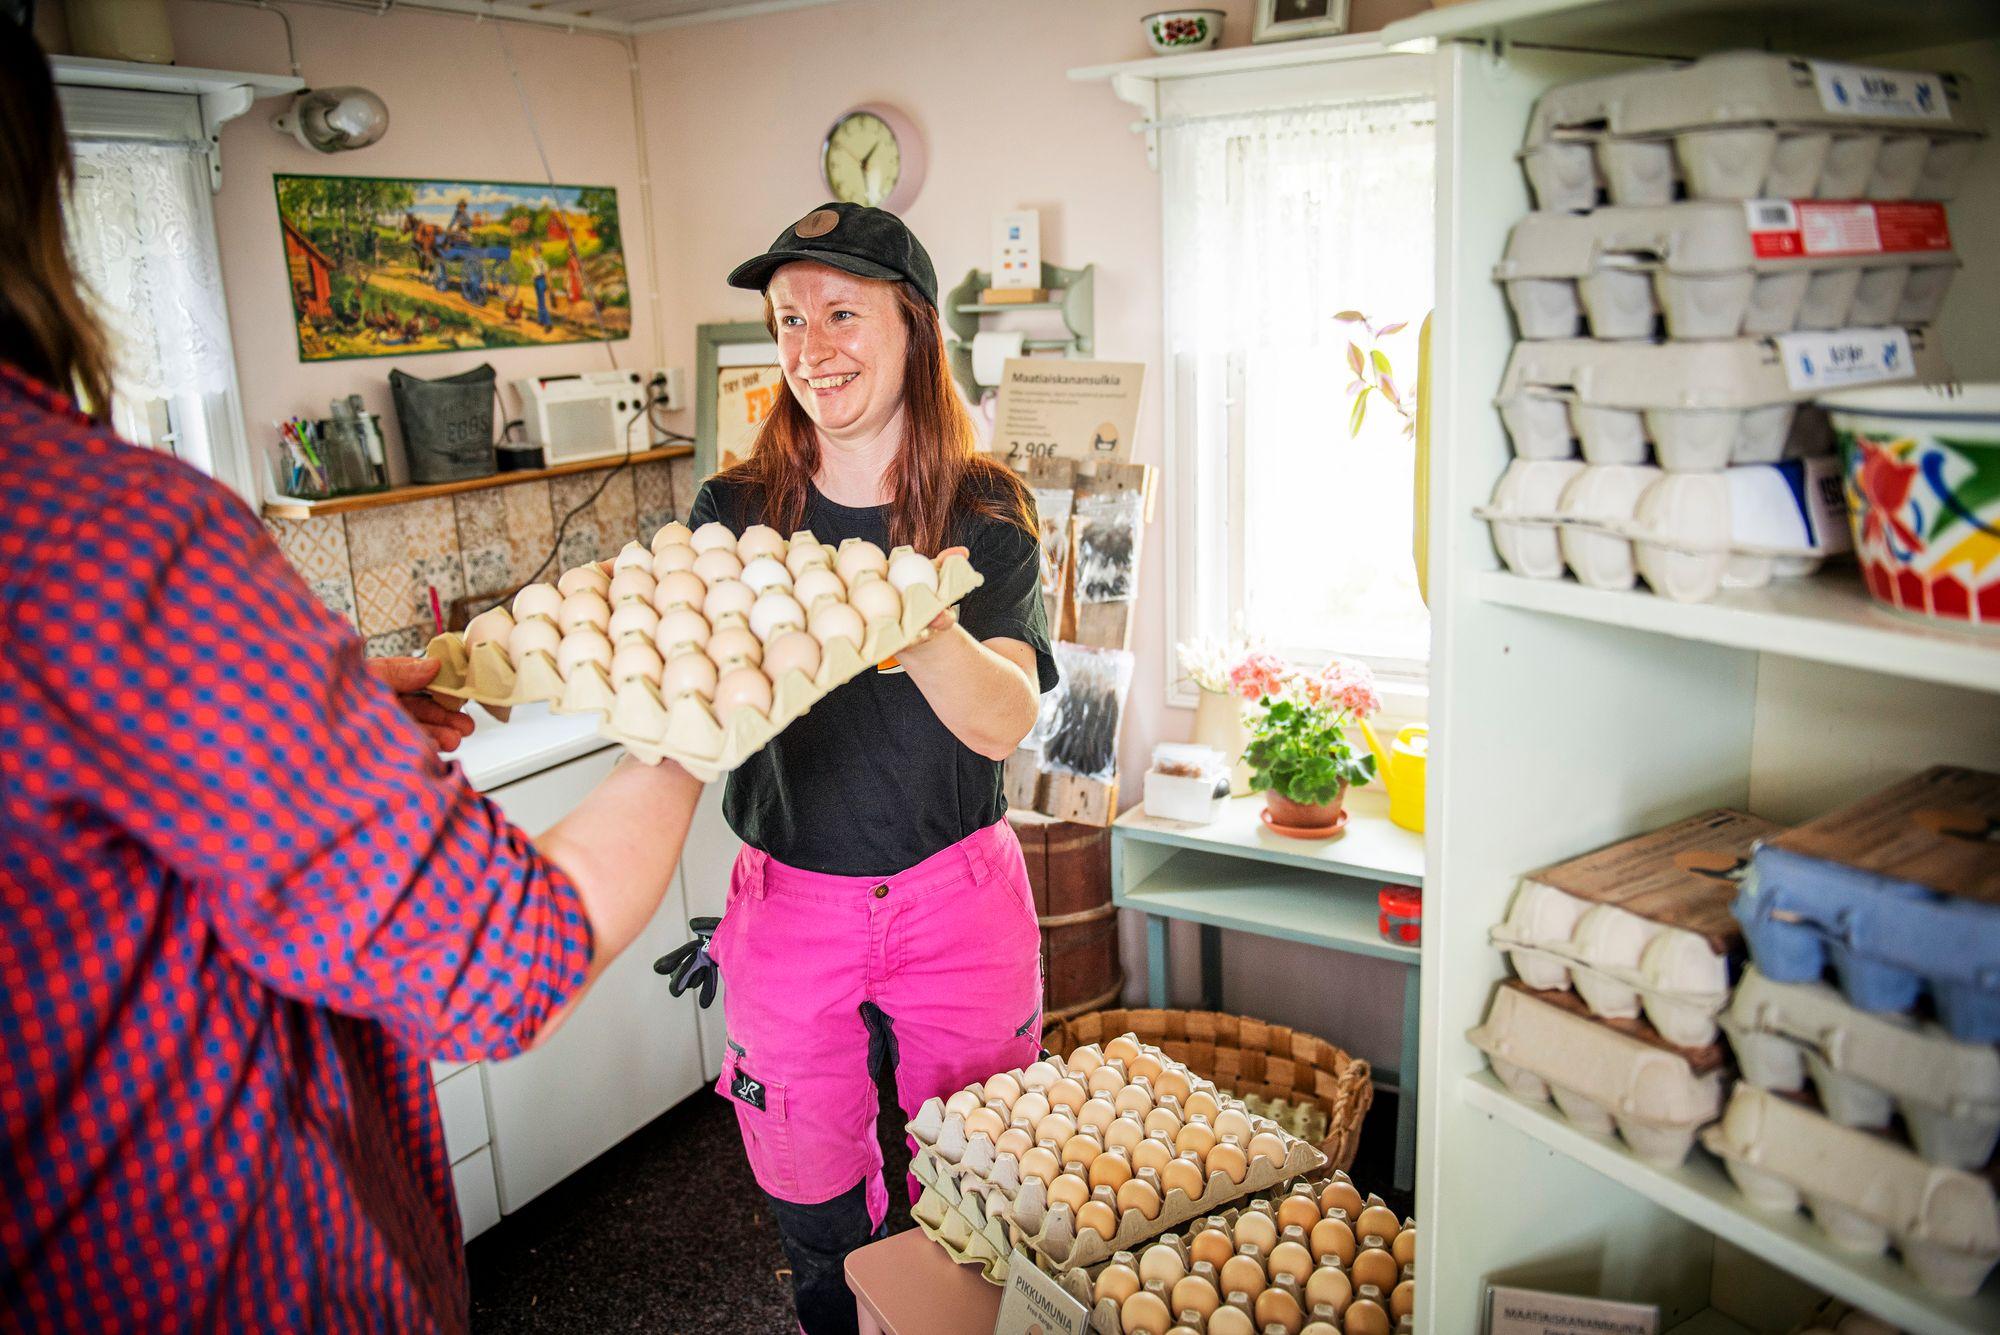 """Munantuotannon määrässä maatiaiskana häviää tehotuotantolinnuille. Kananmunan """"aidompi"""" maku sen sijaan on monelle ruuanlaittajalle tärkeä asia. © Vesa Tyni"""